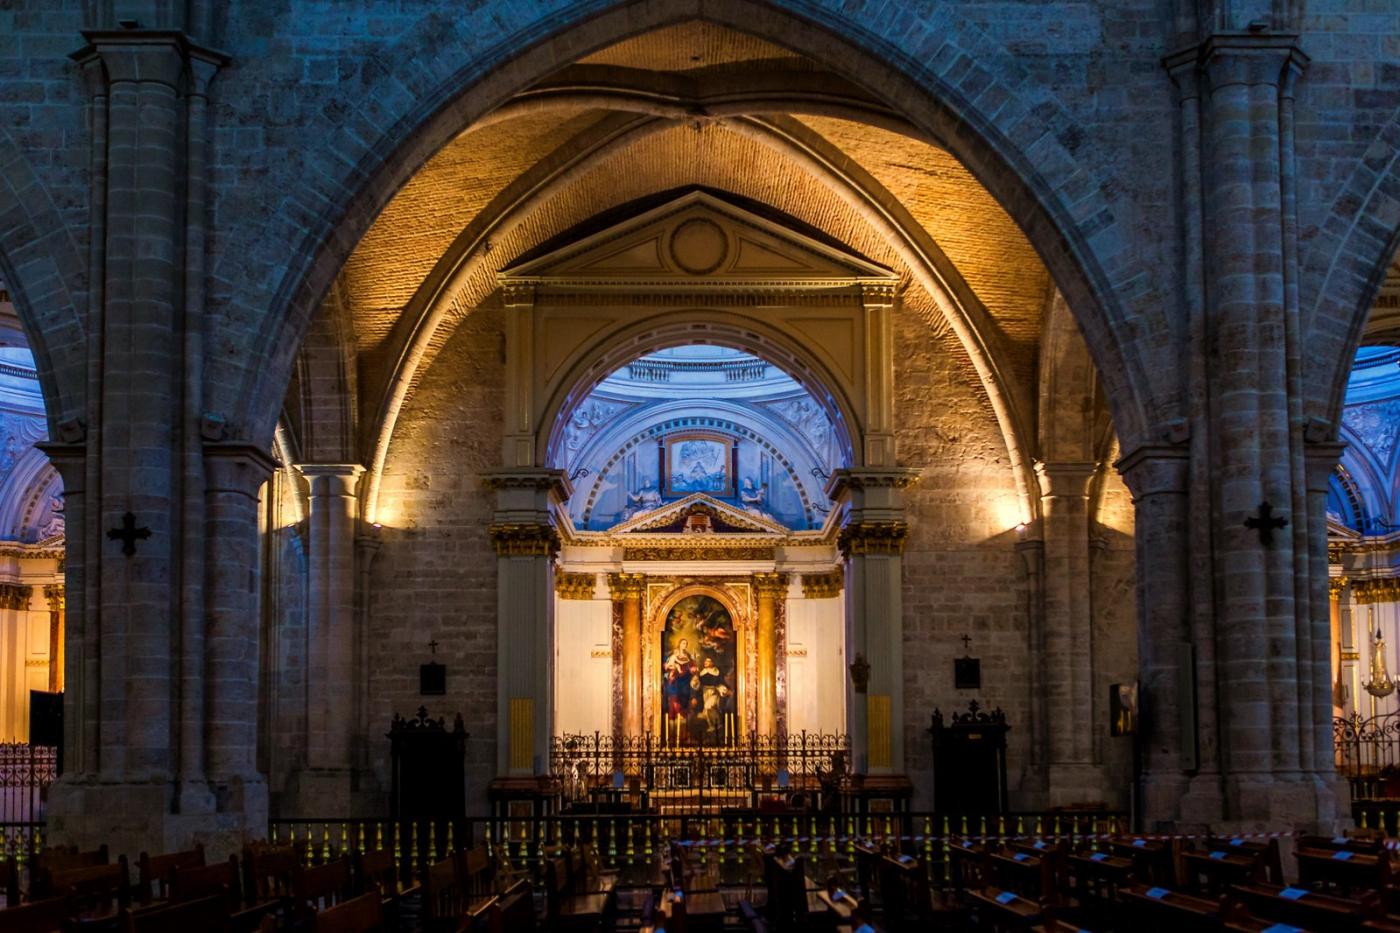 西班牙巴倫西亞主教堂,越看越喜歡_圖1-8